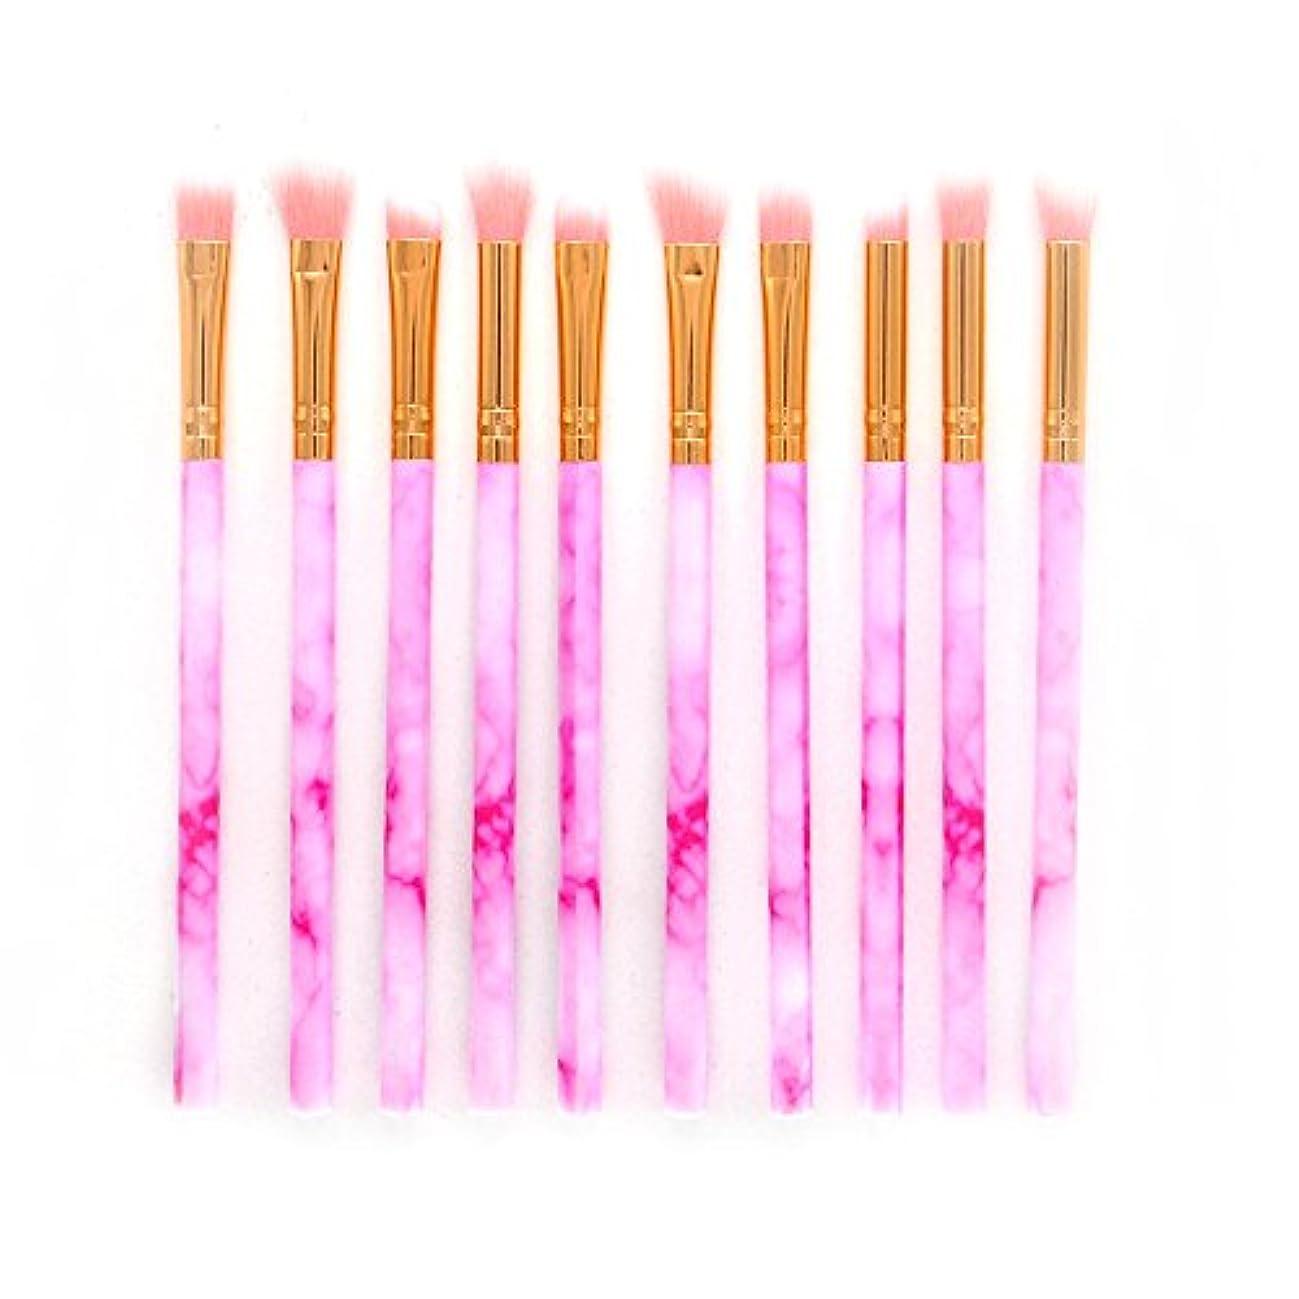 トピック干ばつ物理的に笑え熊 化粧筆 メイク 筆 限定版 アイシャドーブラシ 10本セット 化粧ブラシ おしゃれ 日常の化粧 集まる化粧